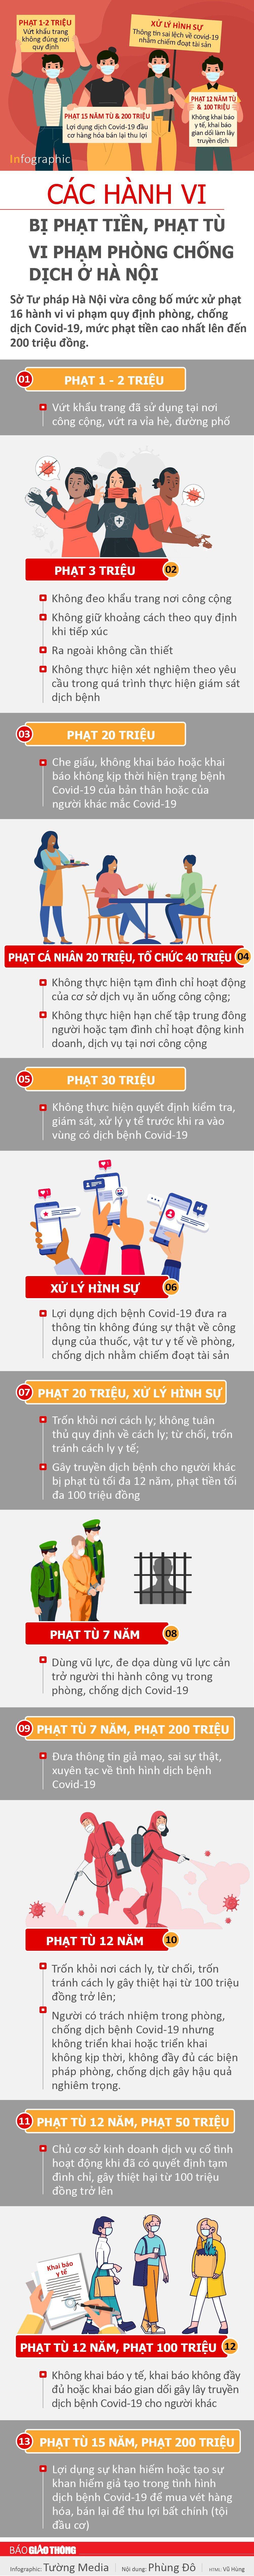 Các hành vi vi phạm phòng chống dịch ở Hà Nội bị phạt tiền, phạt tù - 1